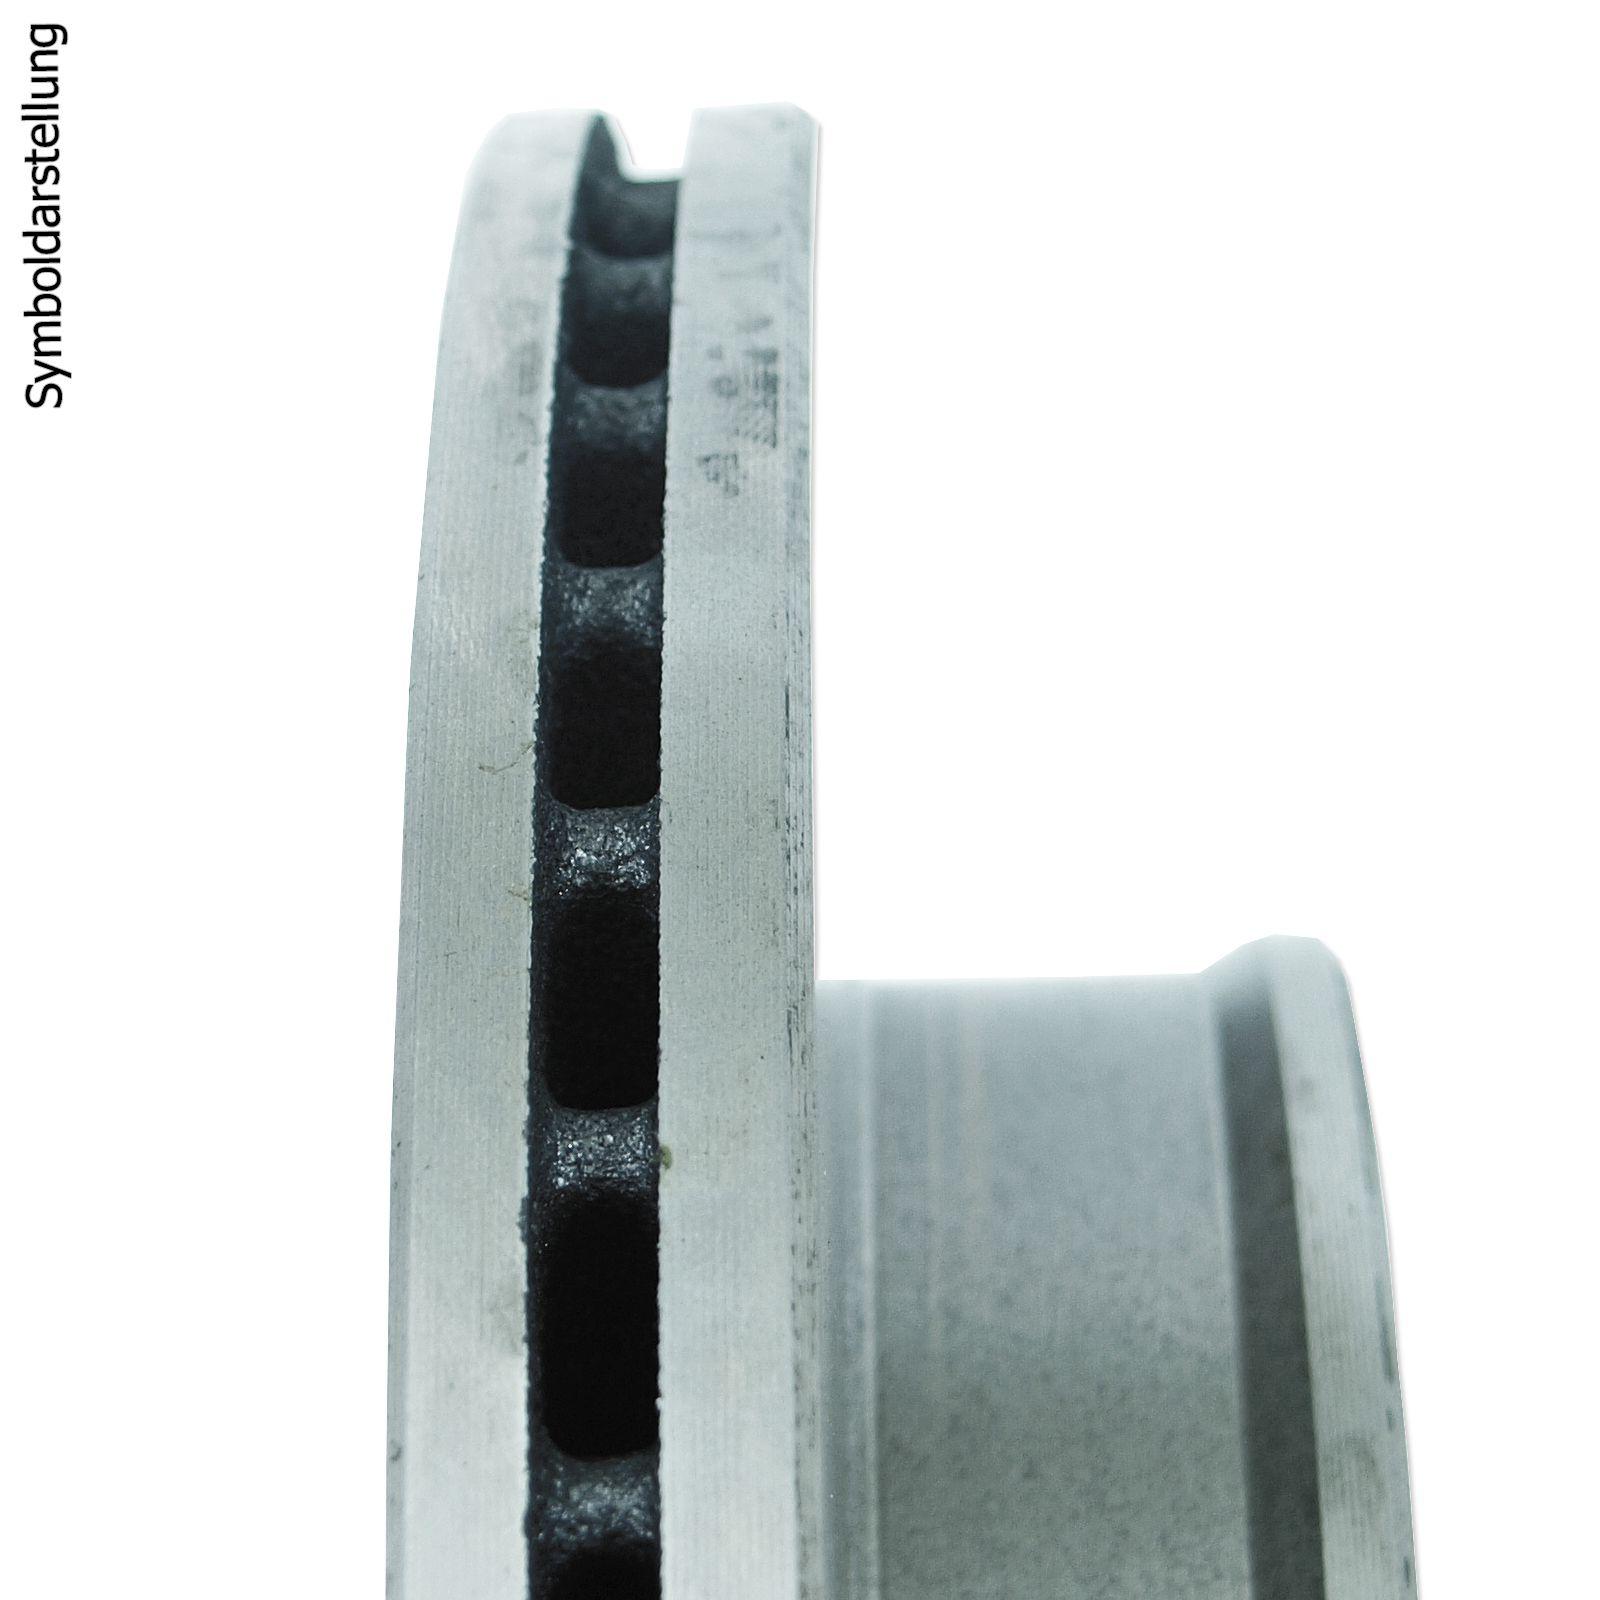 BREMSSCHEIBEN 239mm + BREMSBELÄGE